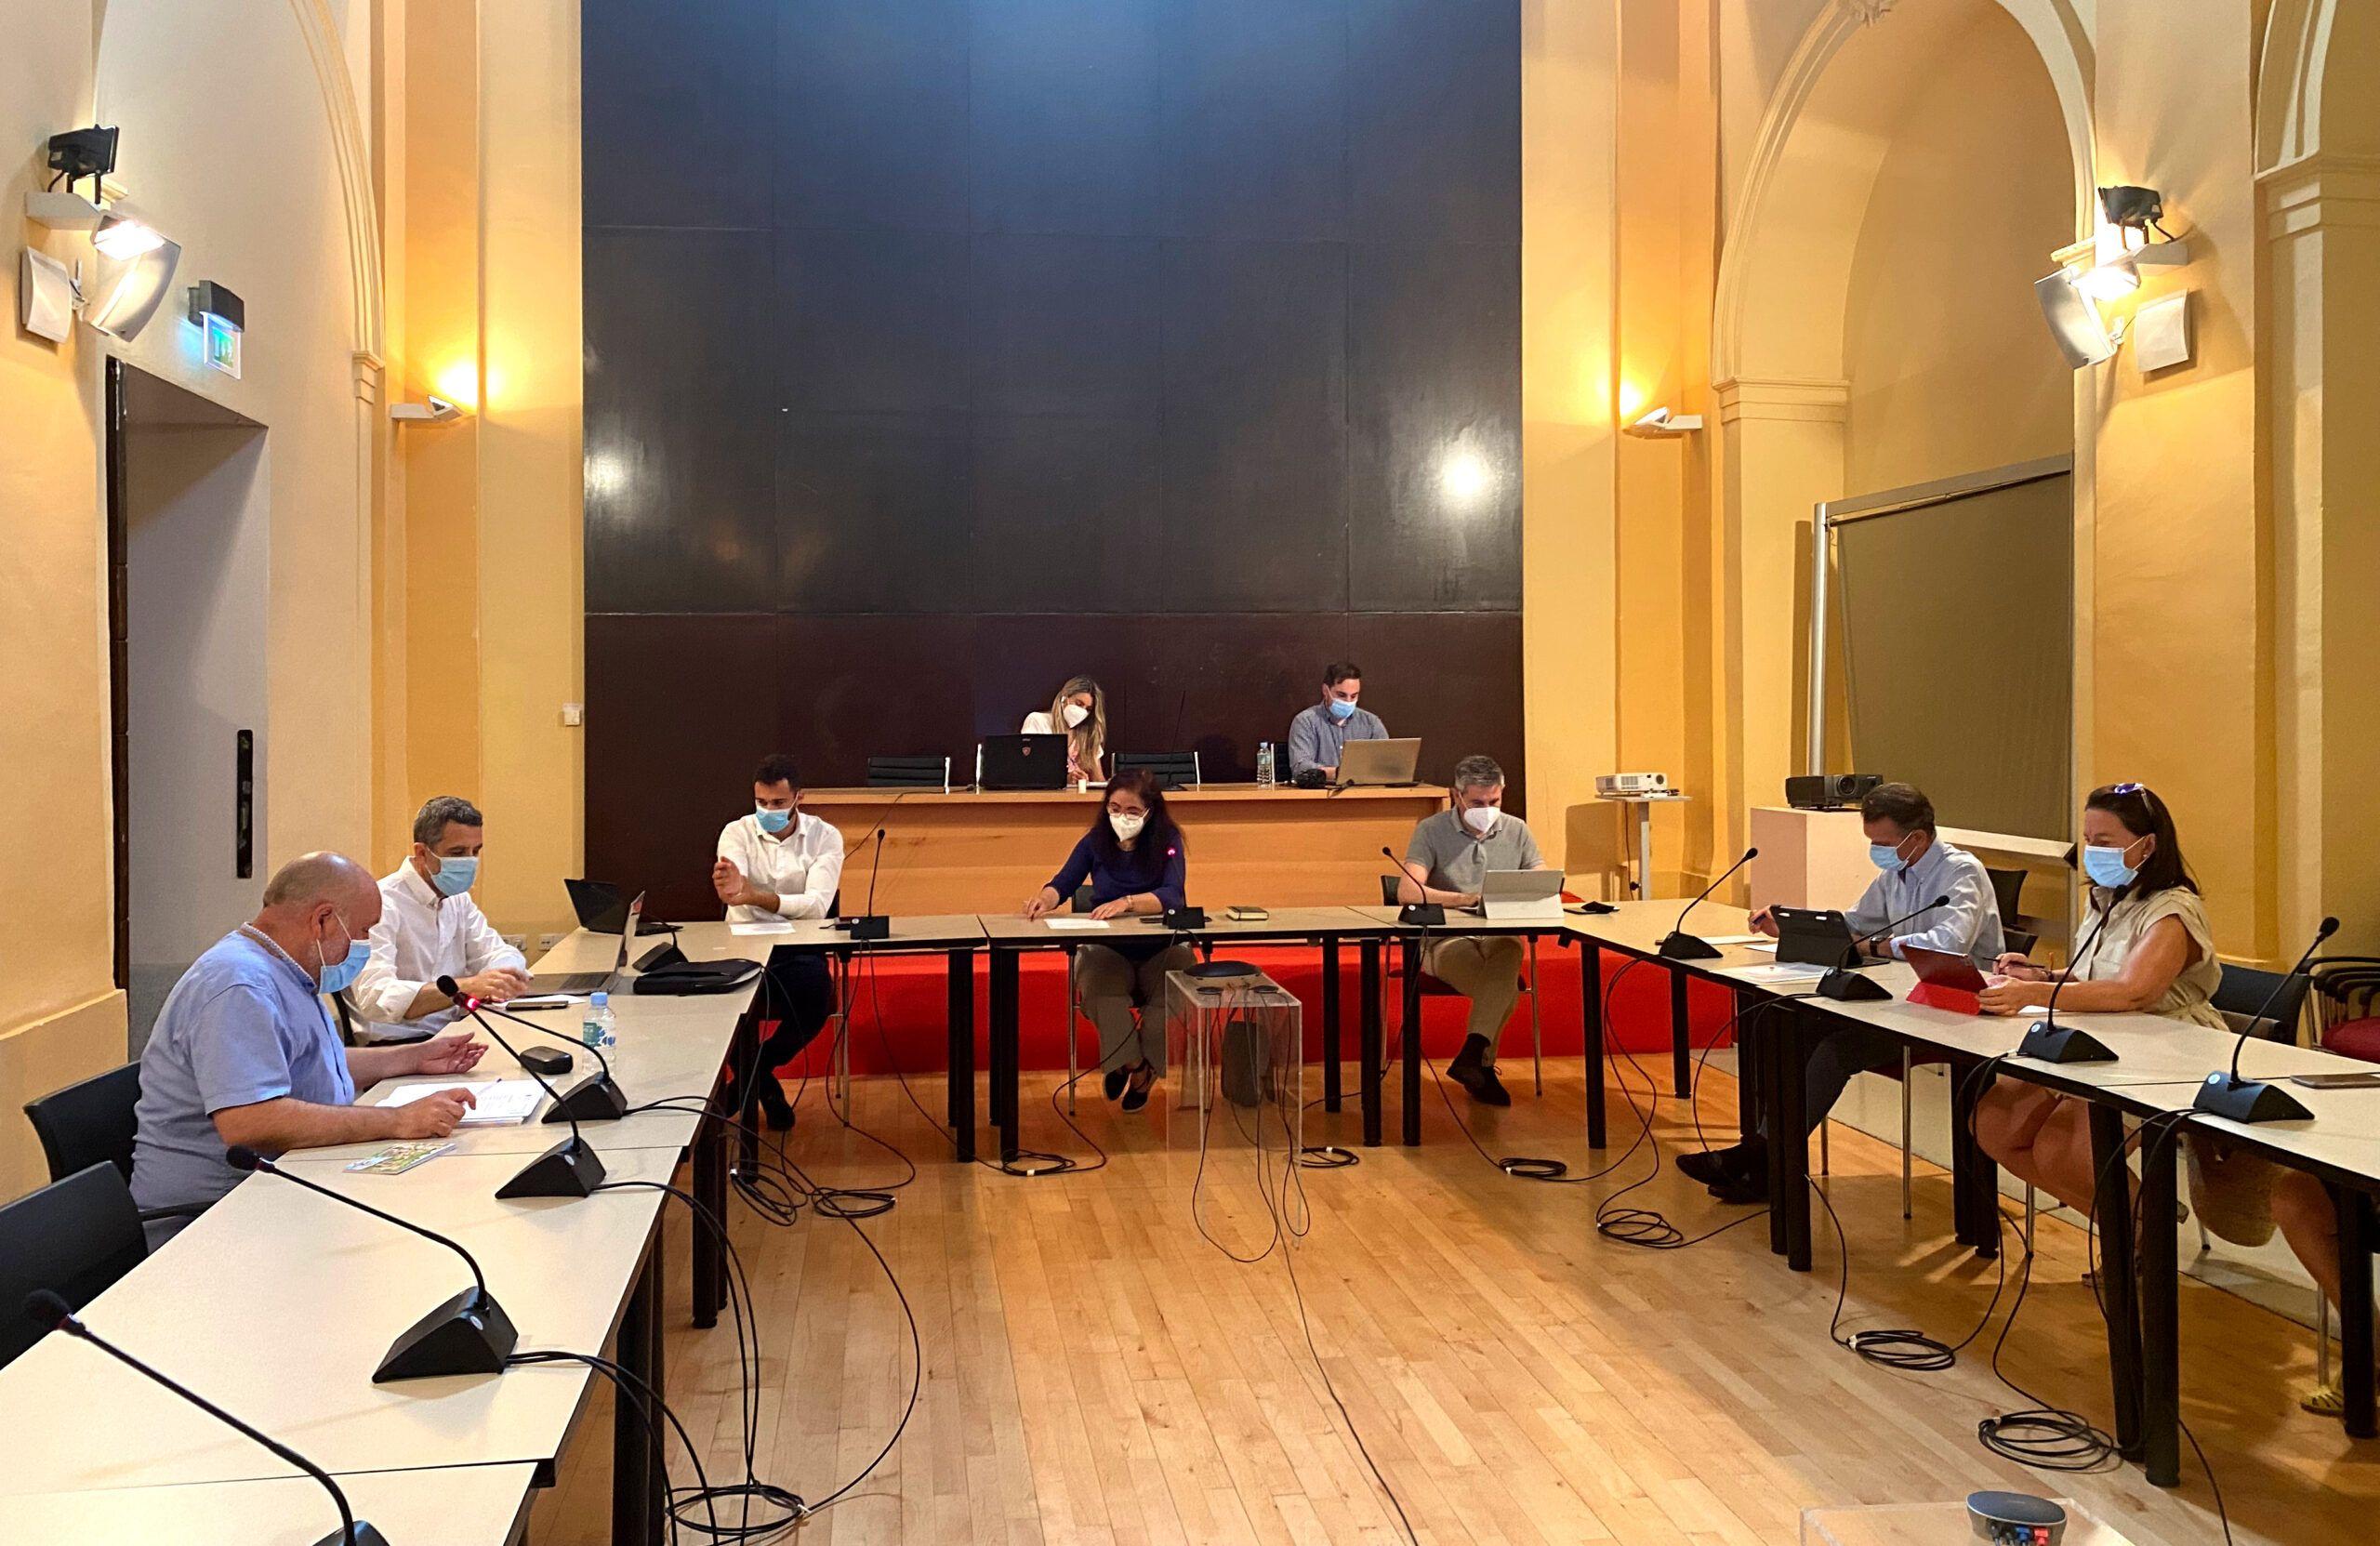 La Comisión de Hacienda da el visto bueno al último trámite administrativo para desarrollar los Presupuestos Participativos